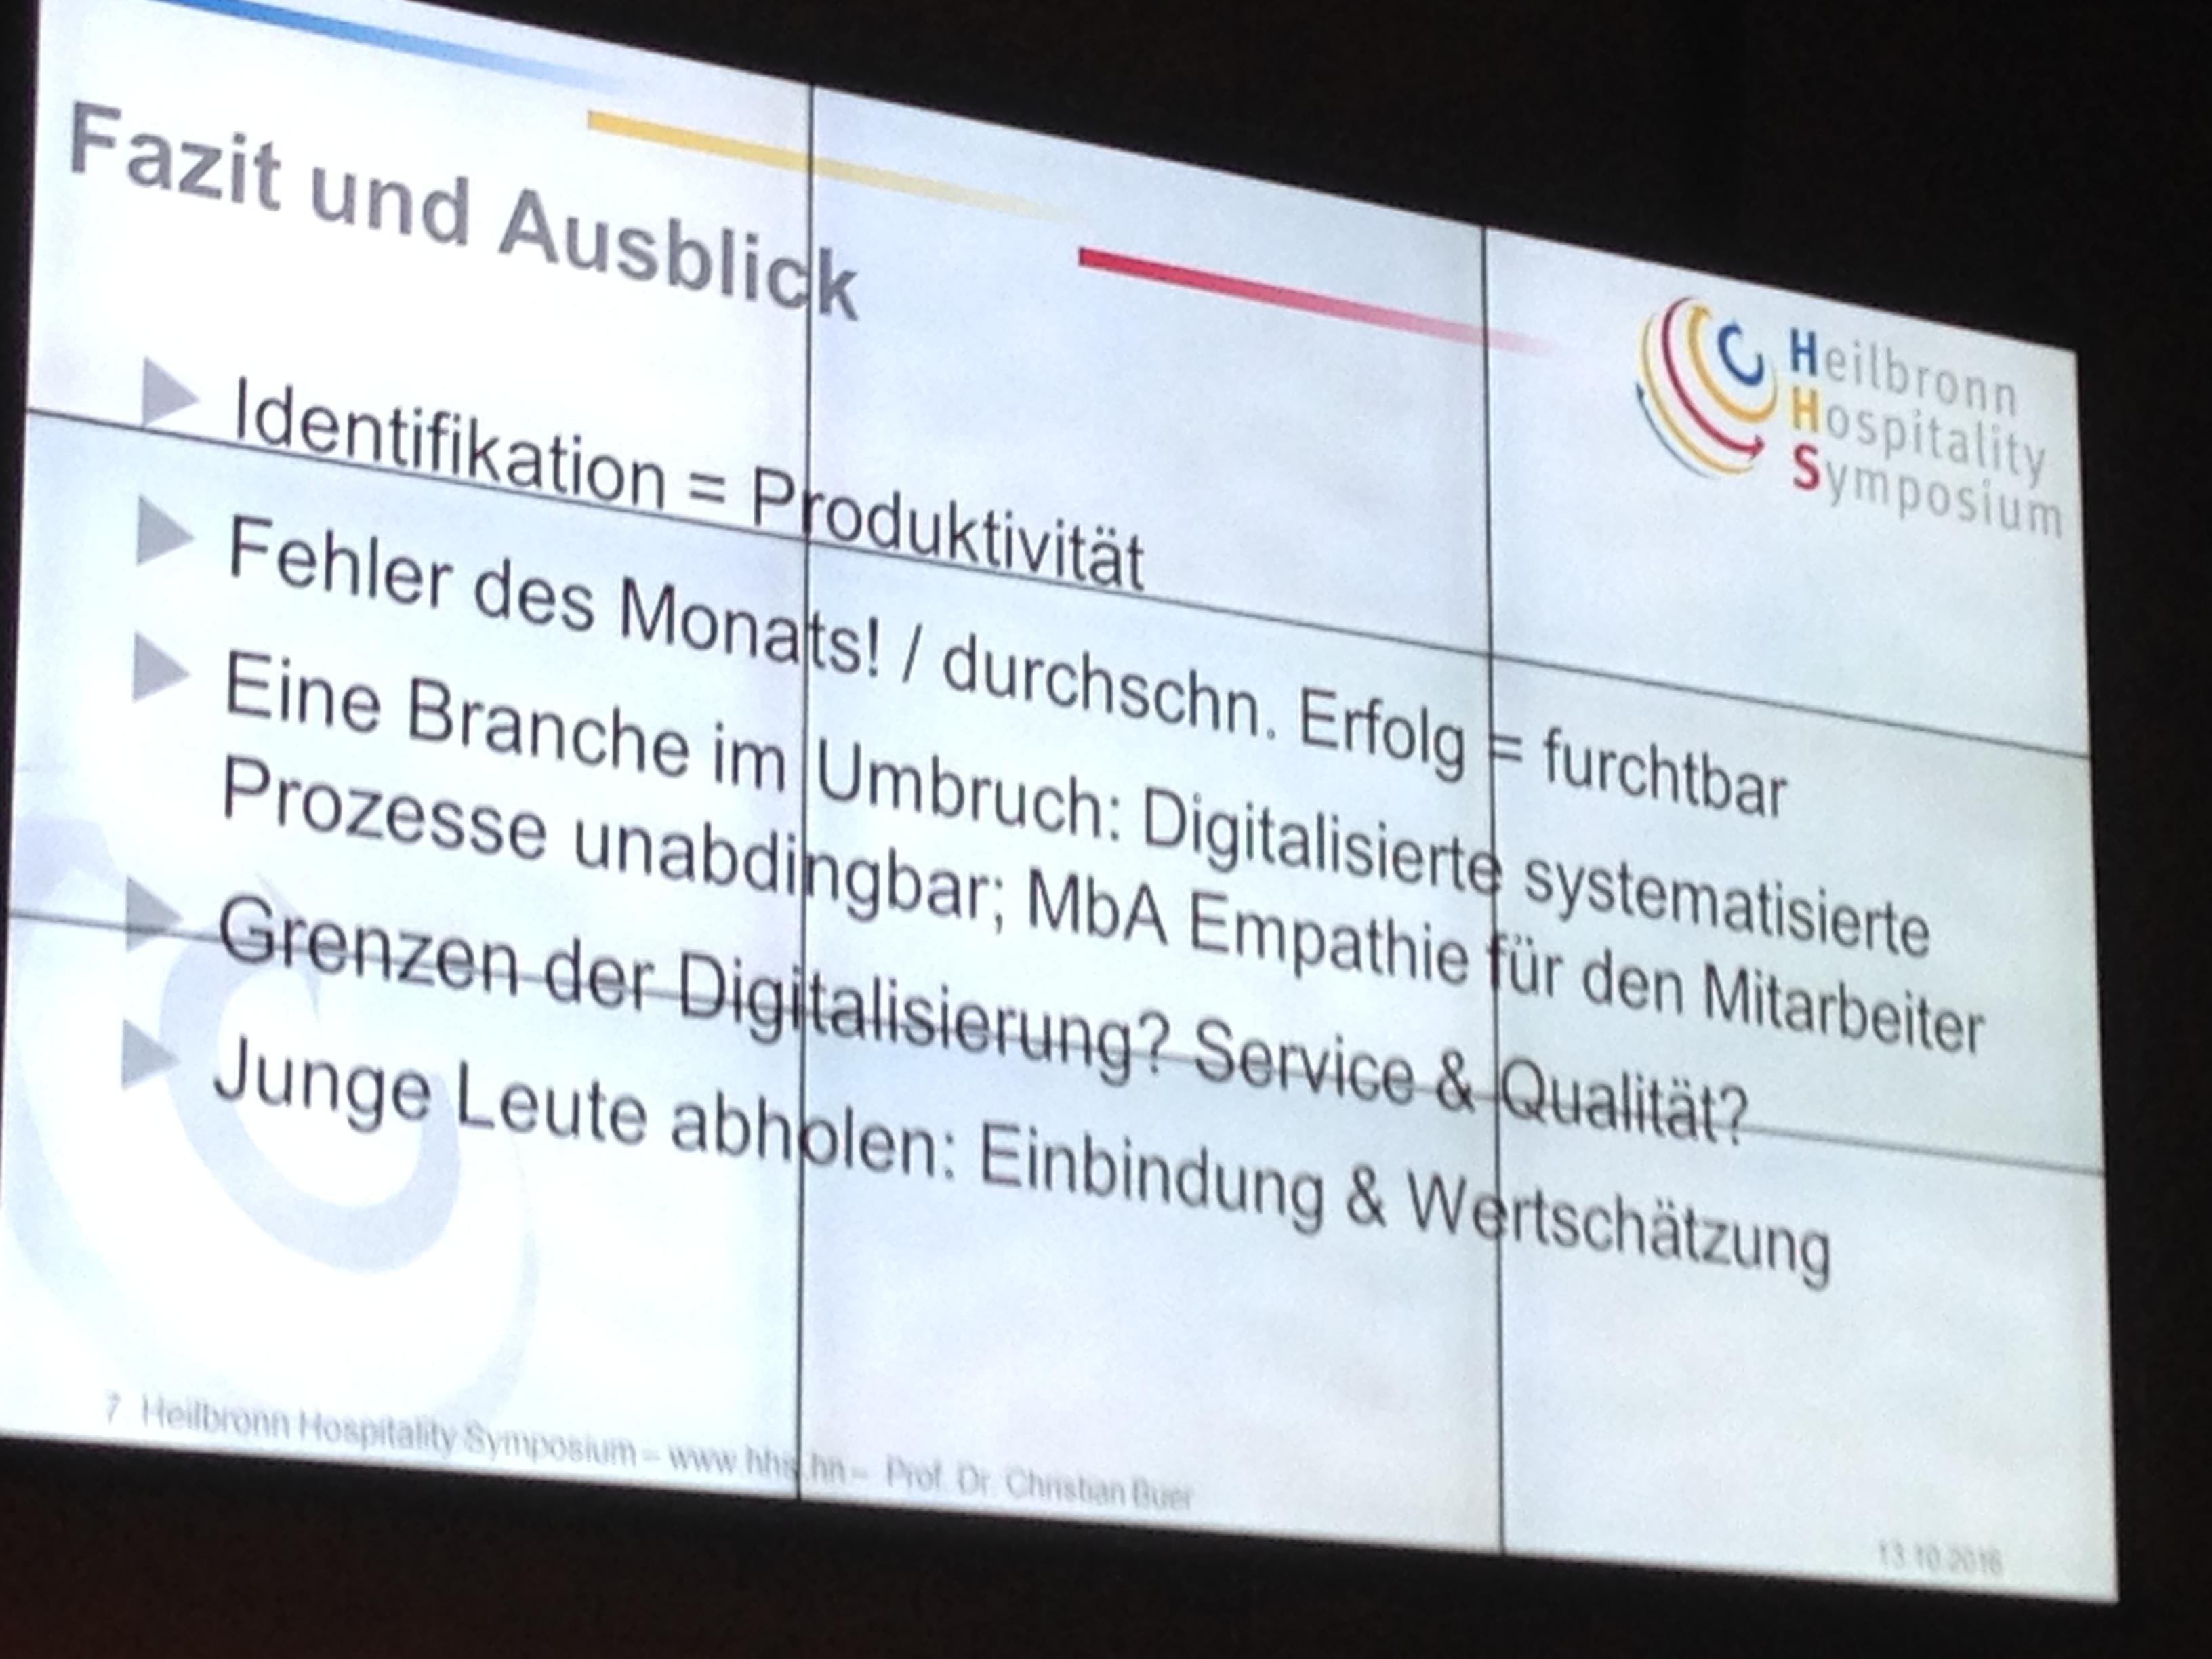 Heilbronn Hospitality Symposium 2016 - Ergebnisse